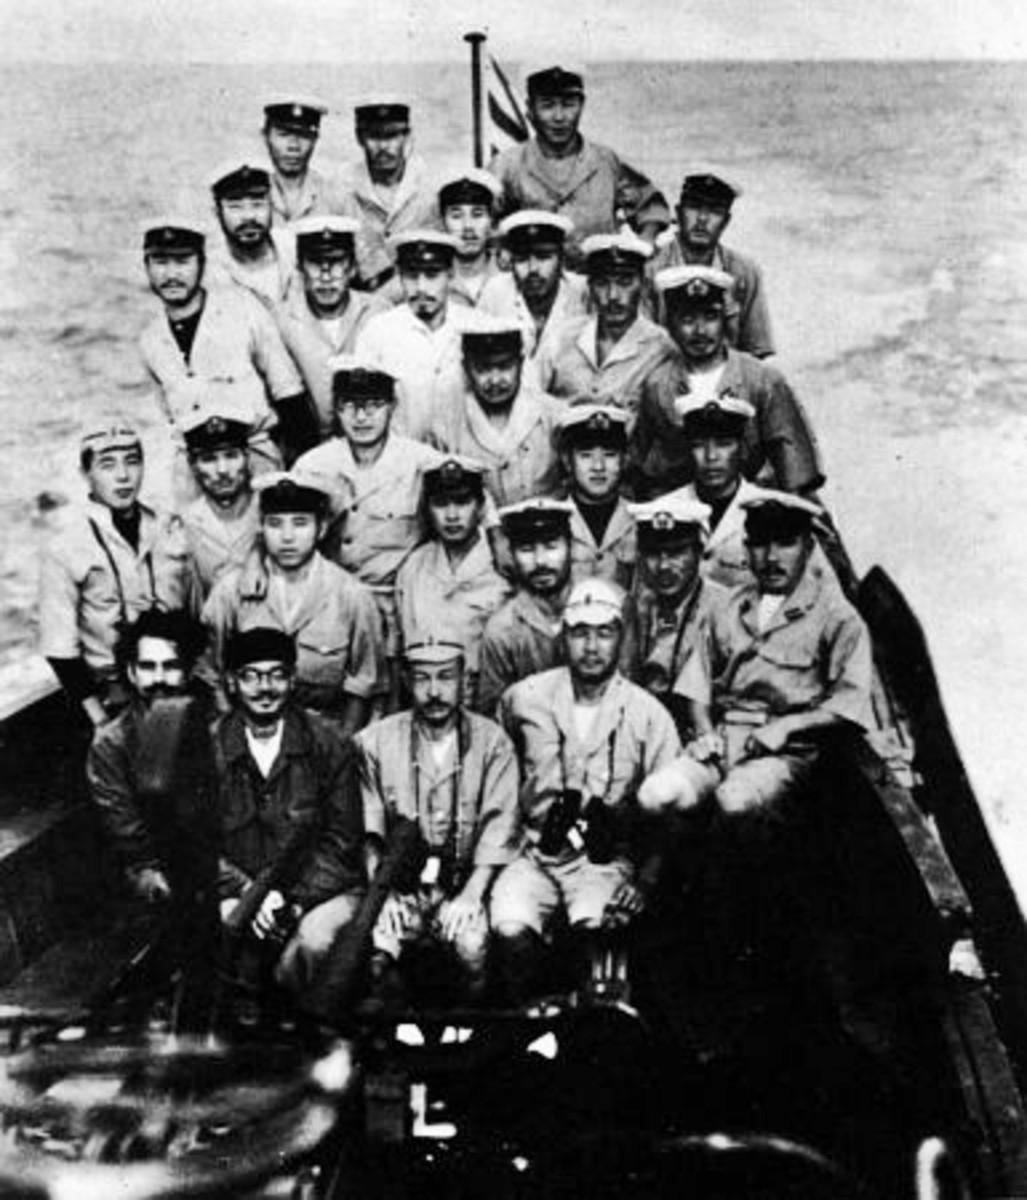 The crew of Japanese submarine with Subhash Chandra Bose